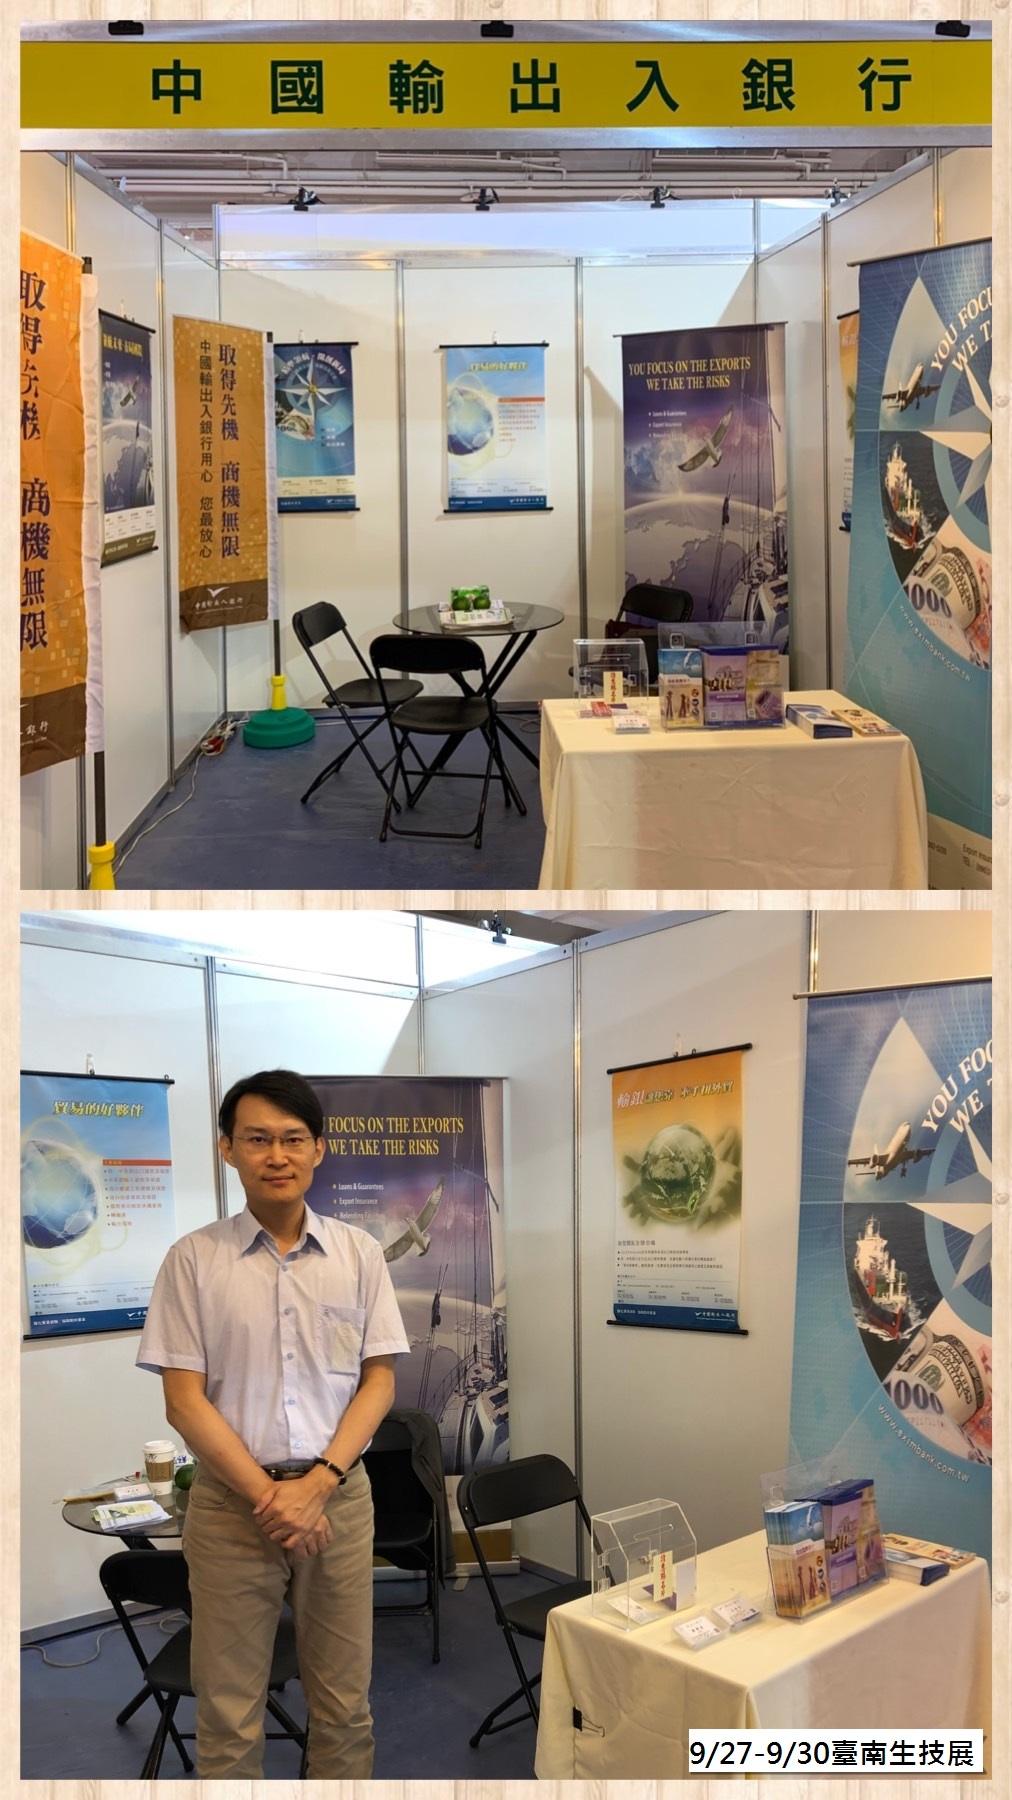 圖片說明-台南分行於9月27日-9月30日至「2019臺南國際生技綠能展」設攤參展